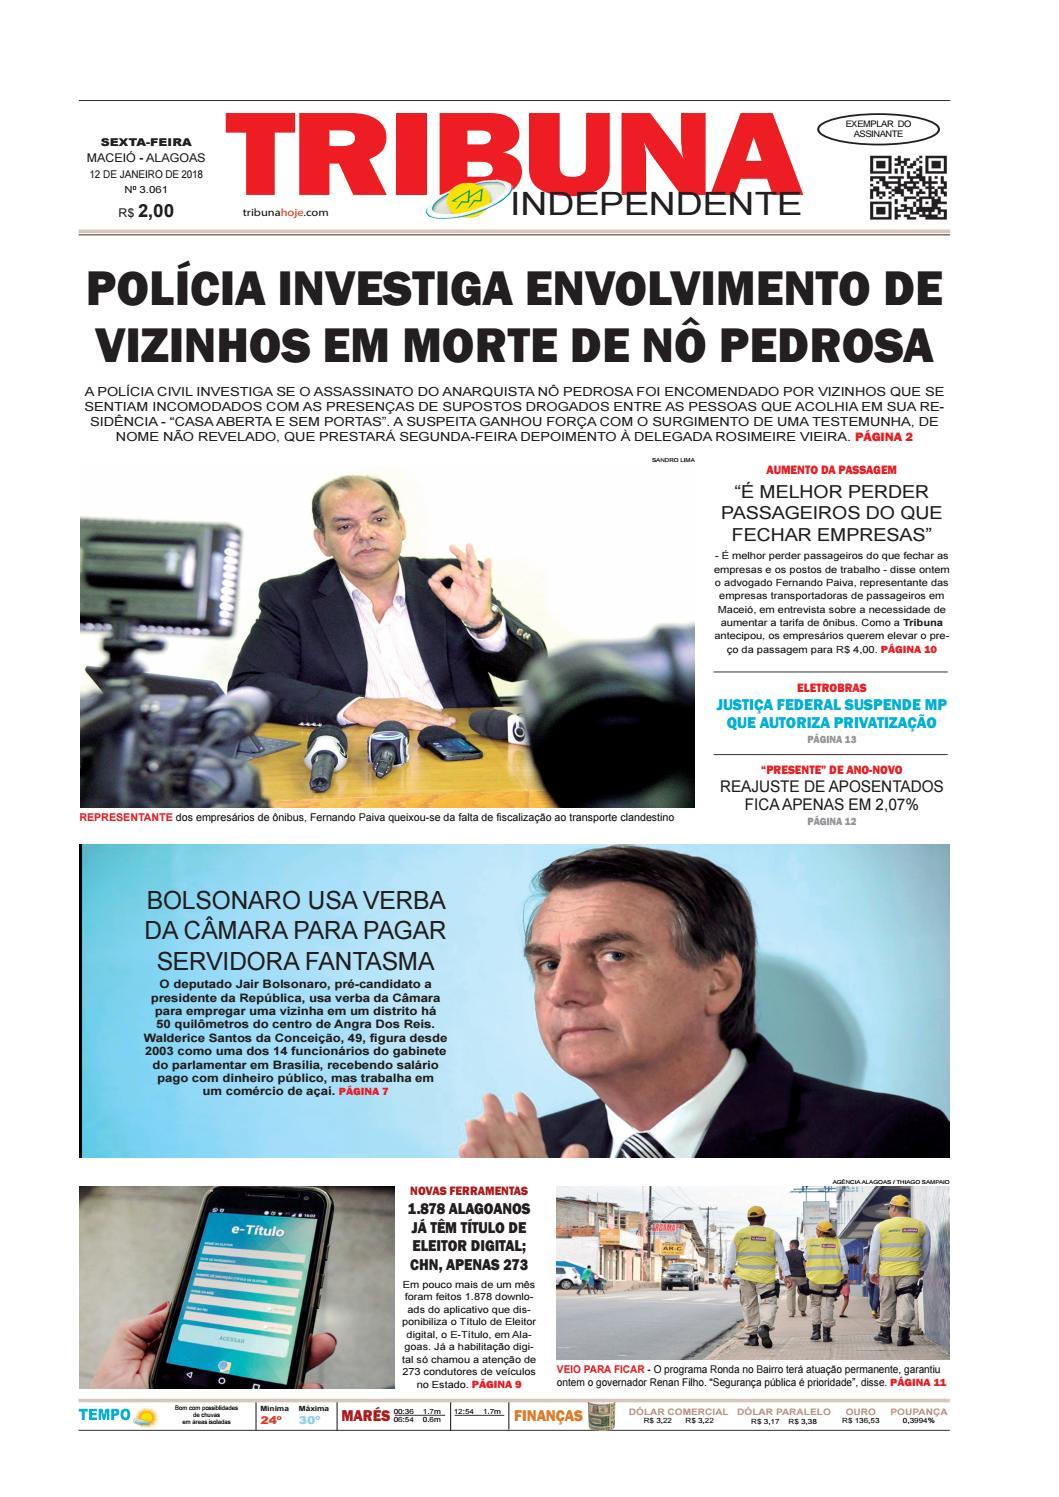 37c268cf80a Edição número 3061 - 12 de janeiro de 2018 by Tribuna Hoje - issuu